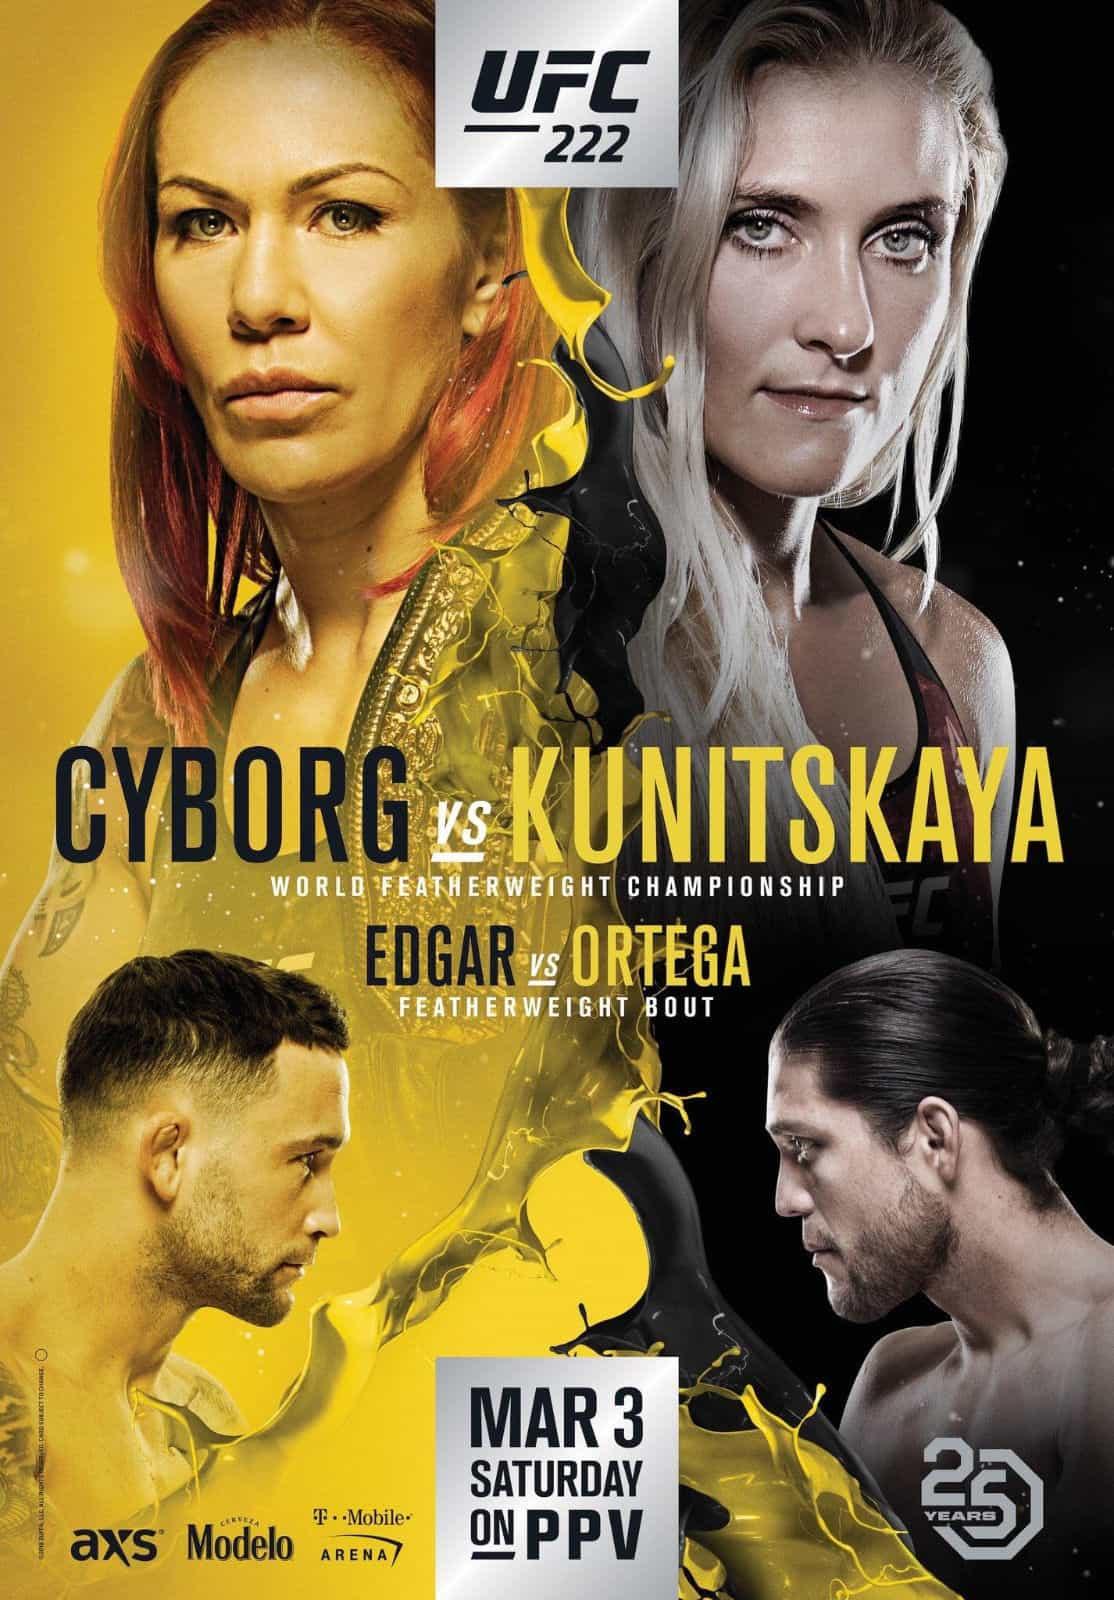 UFC 222: Cyborg vs. Kunitskaya 1